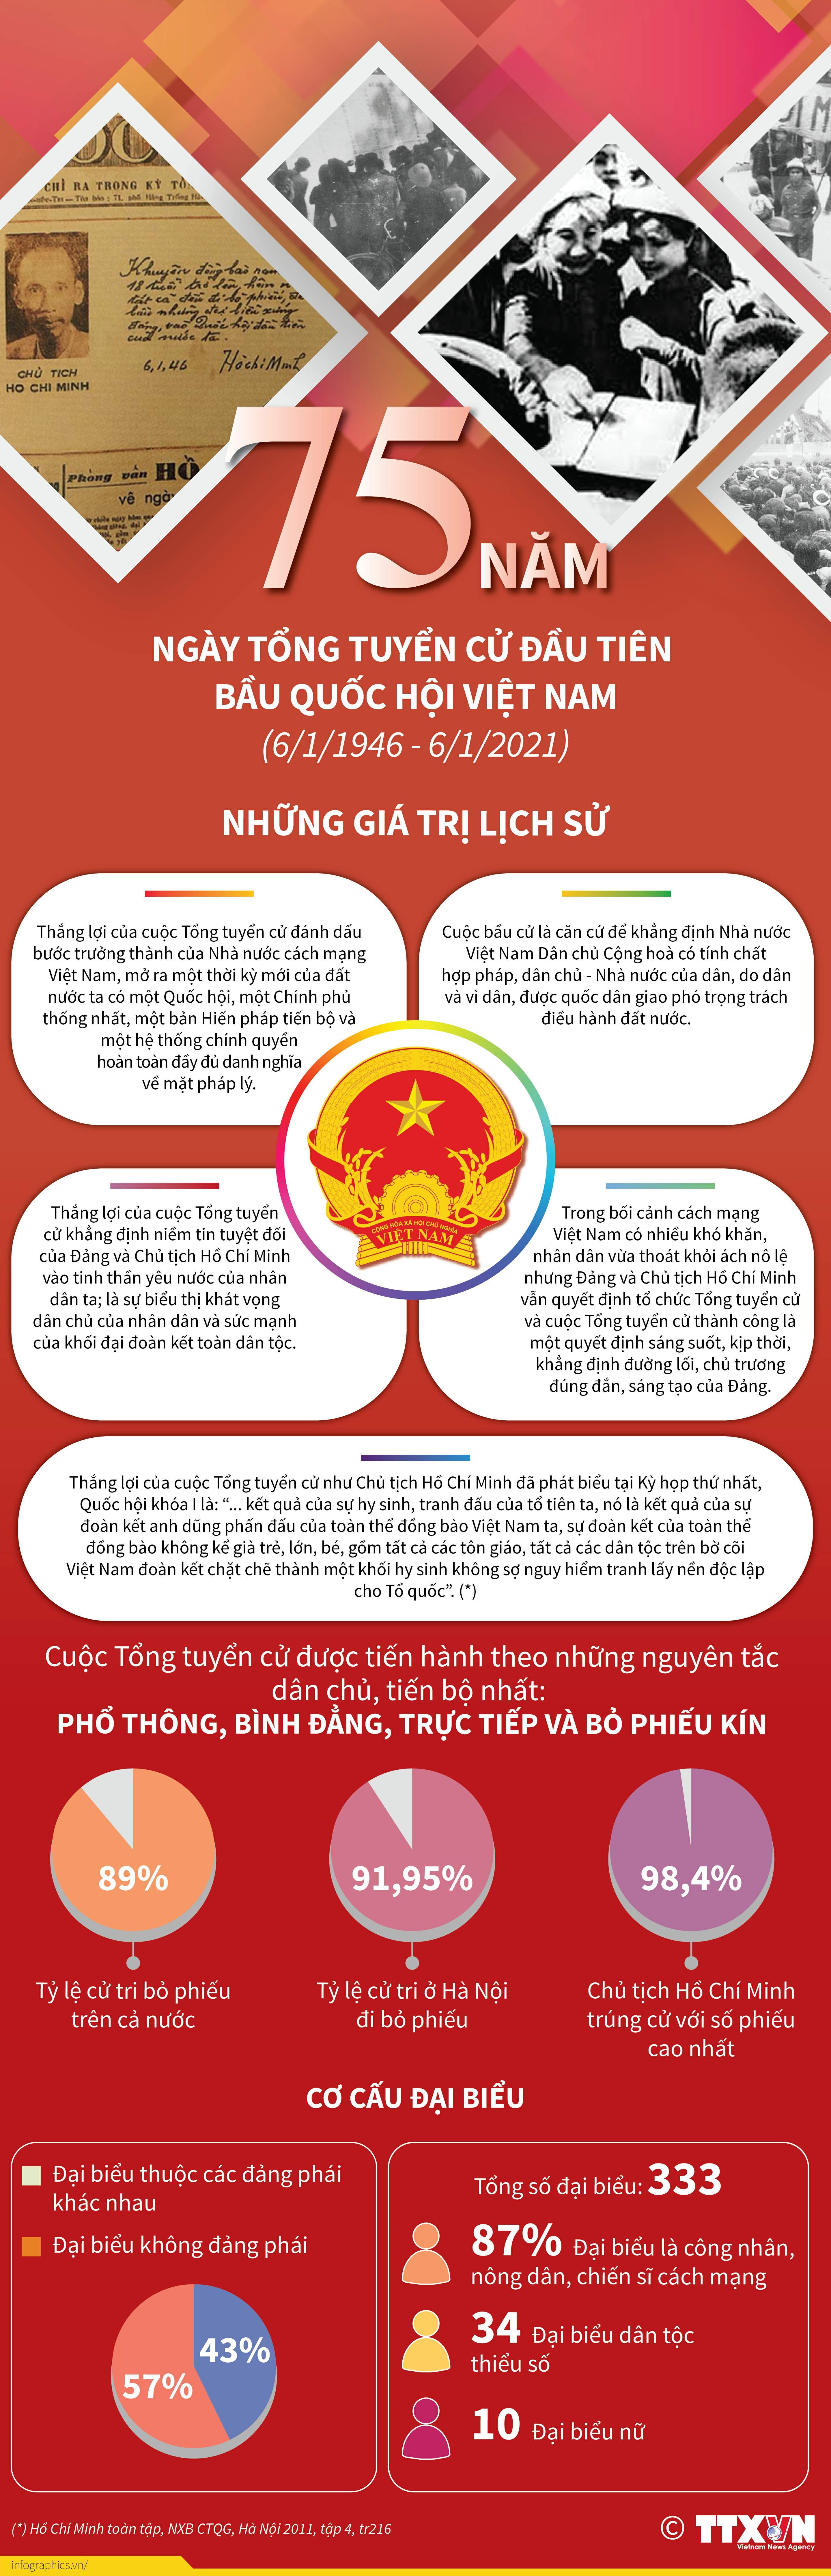 75 năm Ngày Tổng tuyển cử đầu tiên bầu Quốc hội Việt Nam: Những giá trị lịch sử